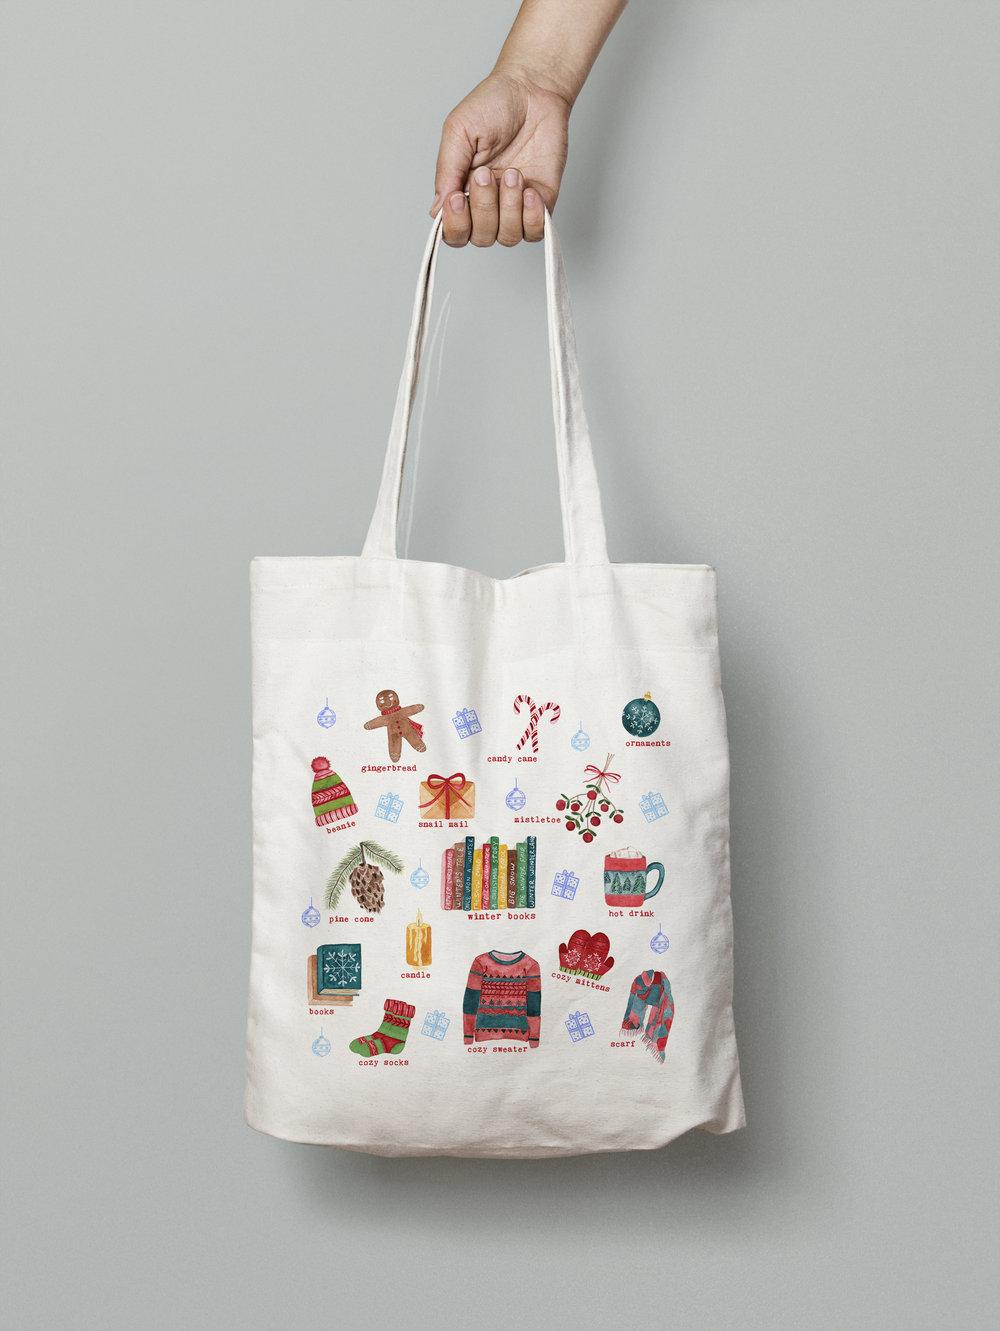 watercolor illustrations Winter favorites tote bag